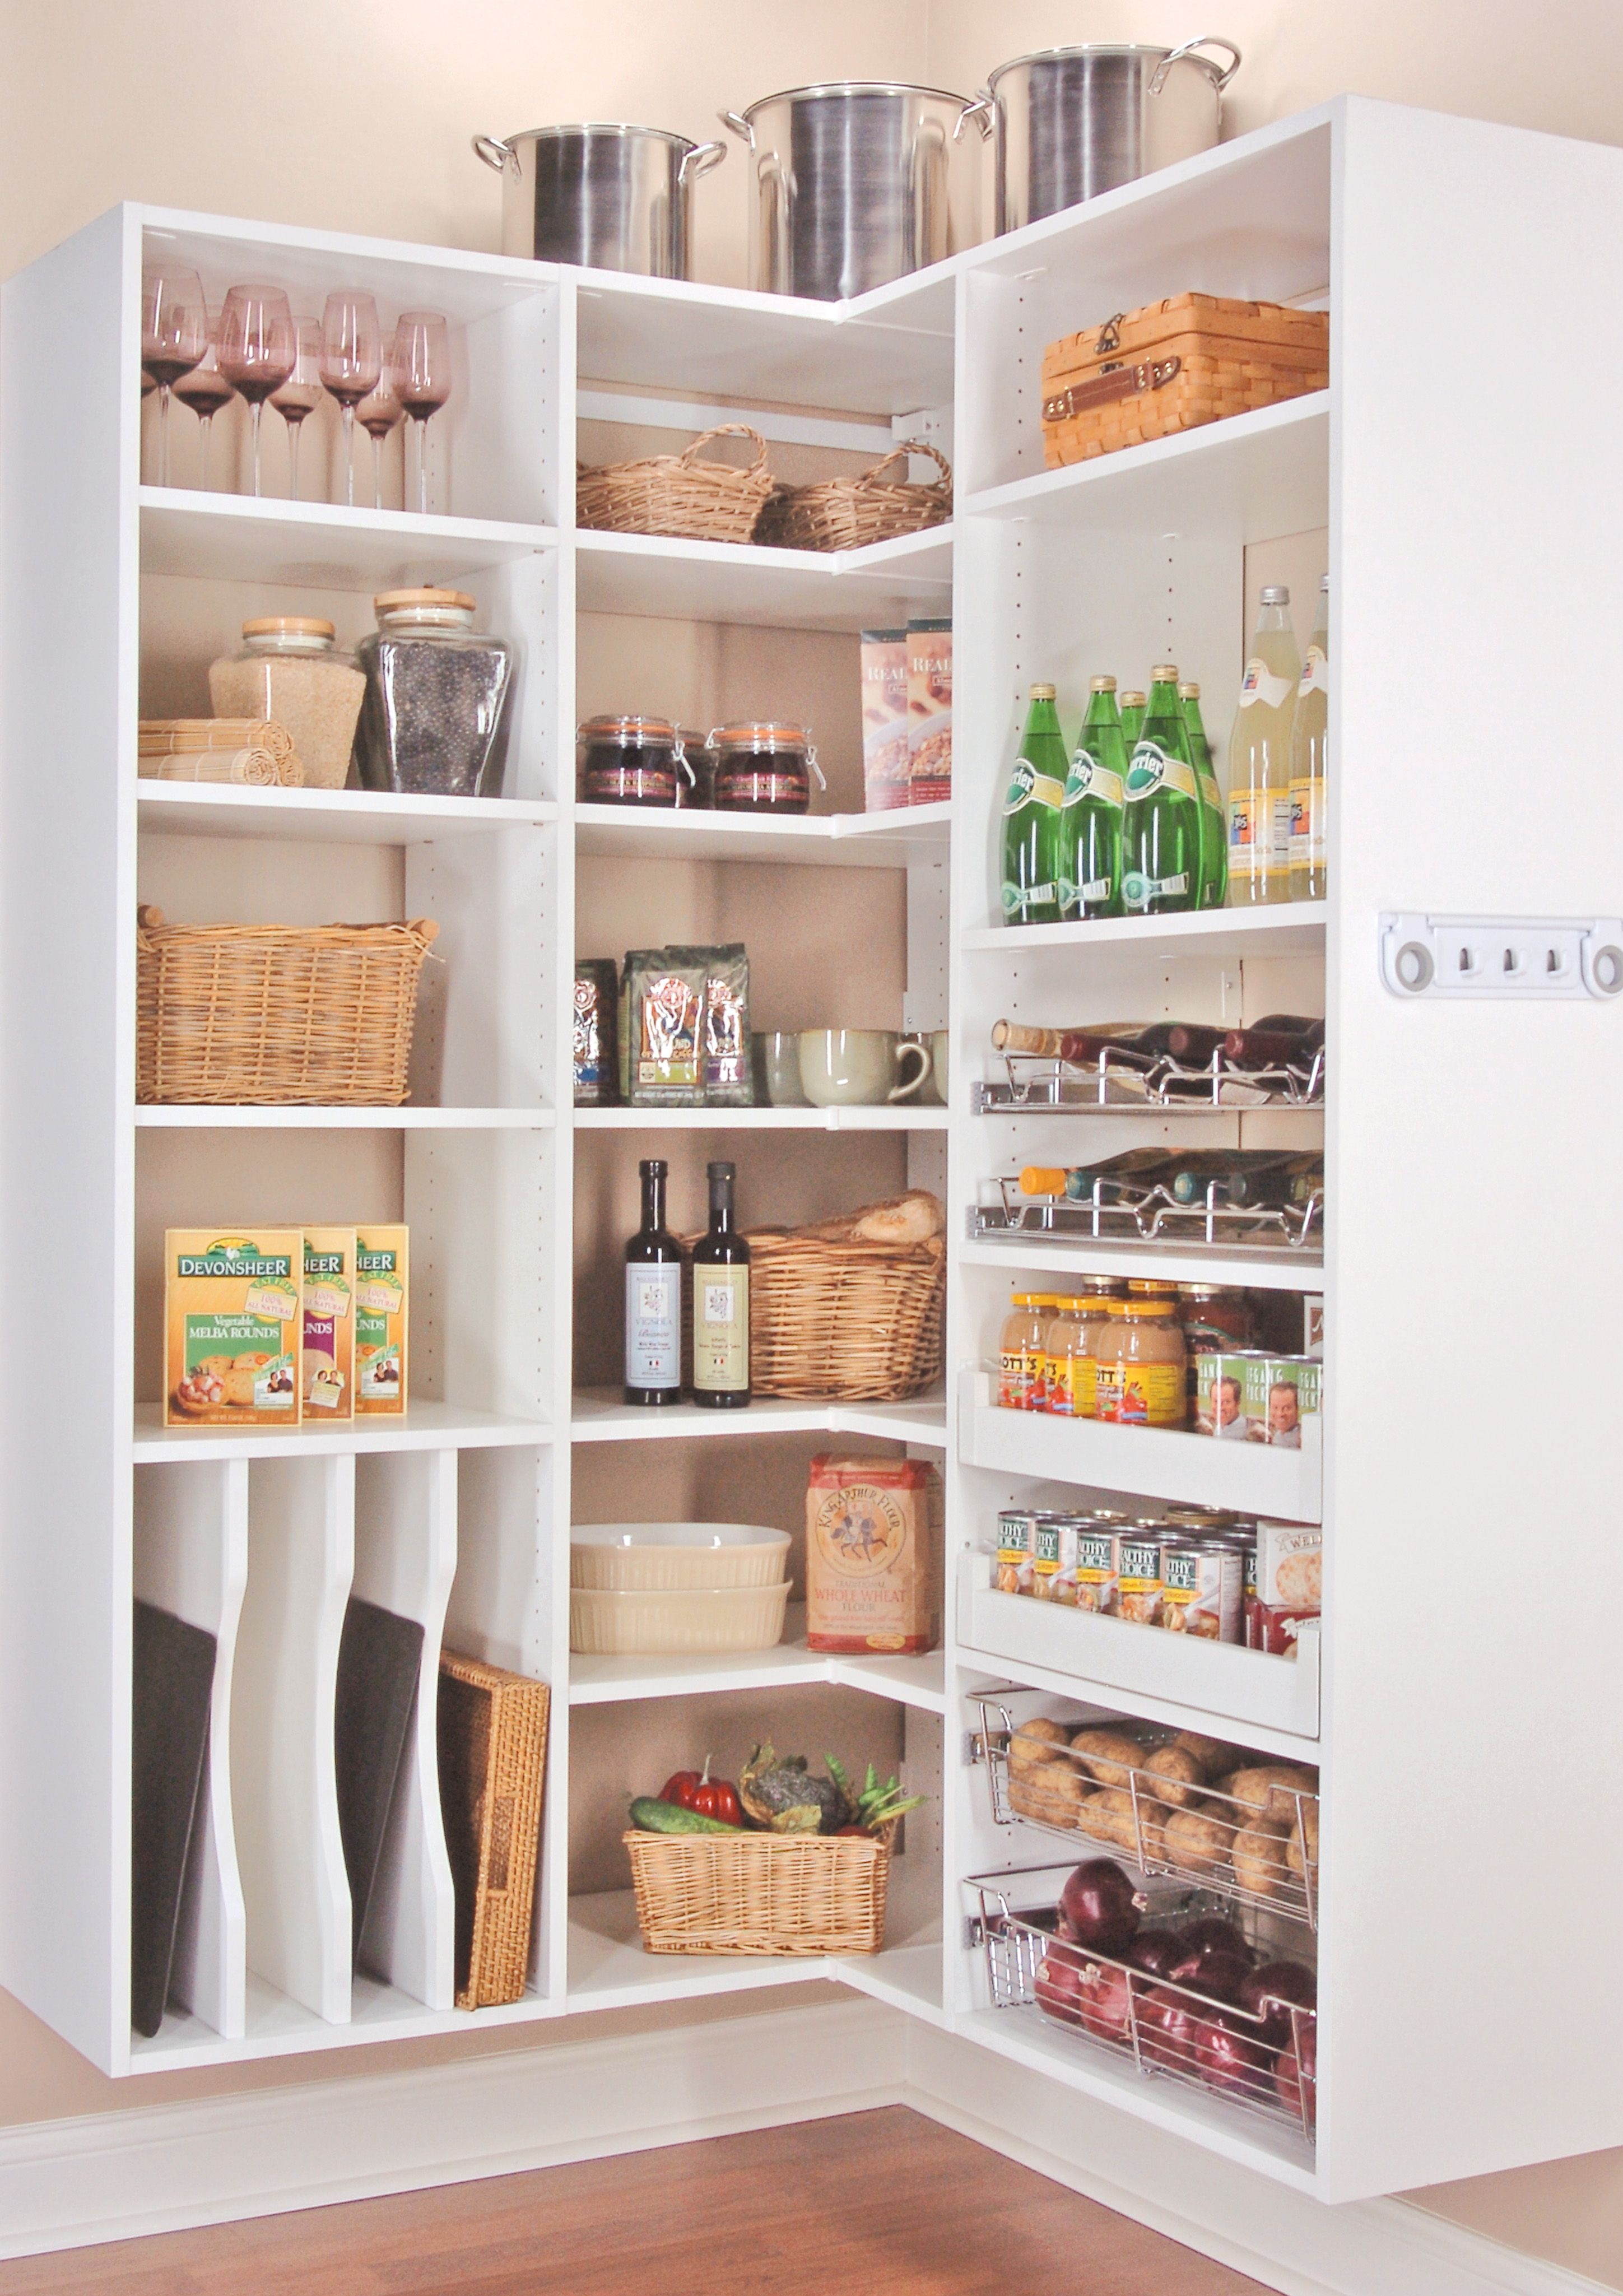 Berühmt Ecke Küche Speisekammer Schrank Bilder - Küchenschrank Ideen ...